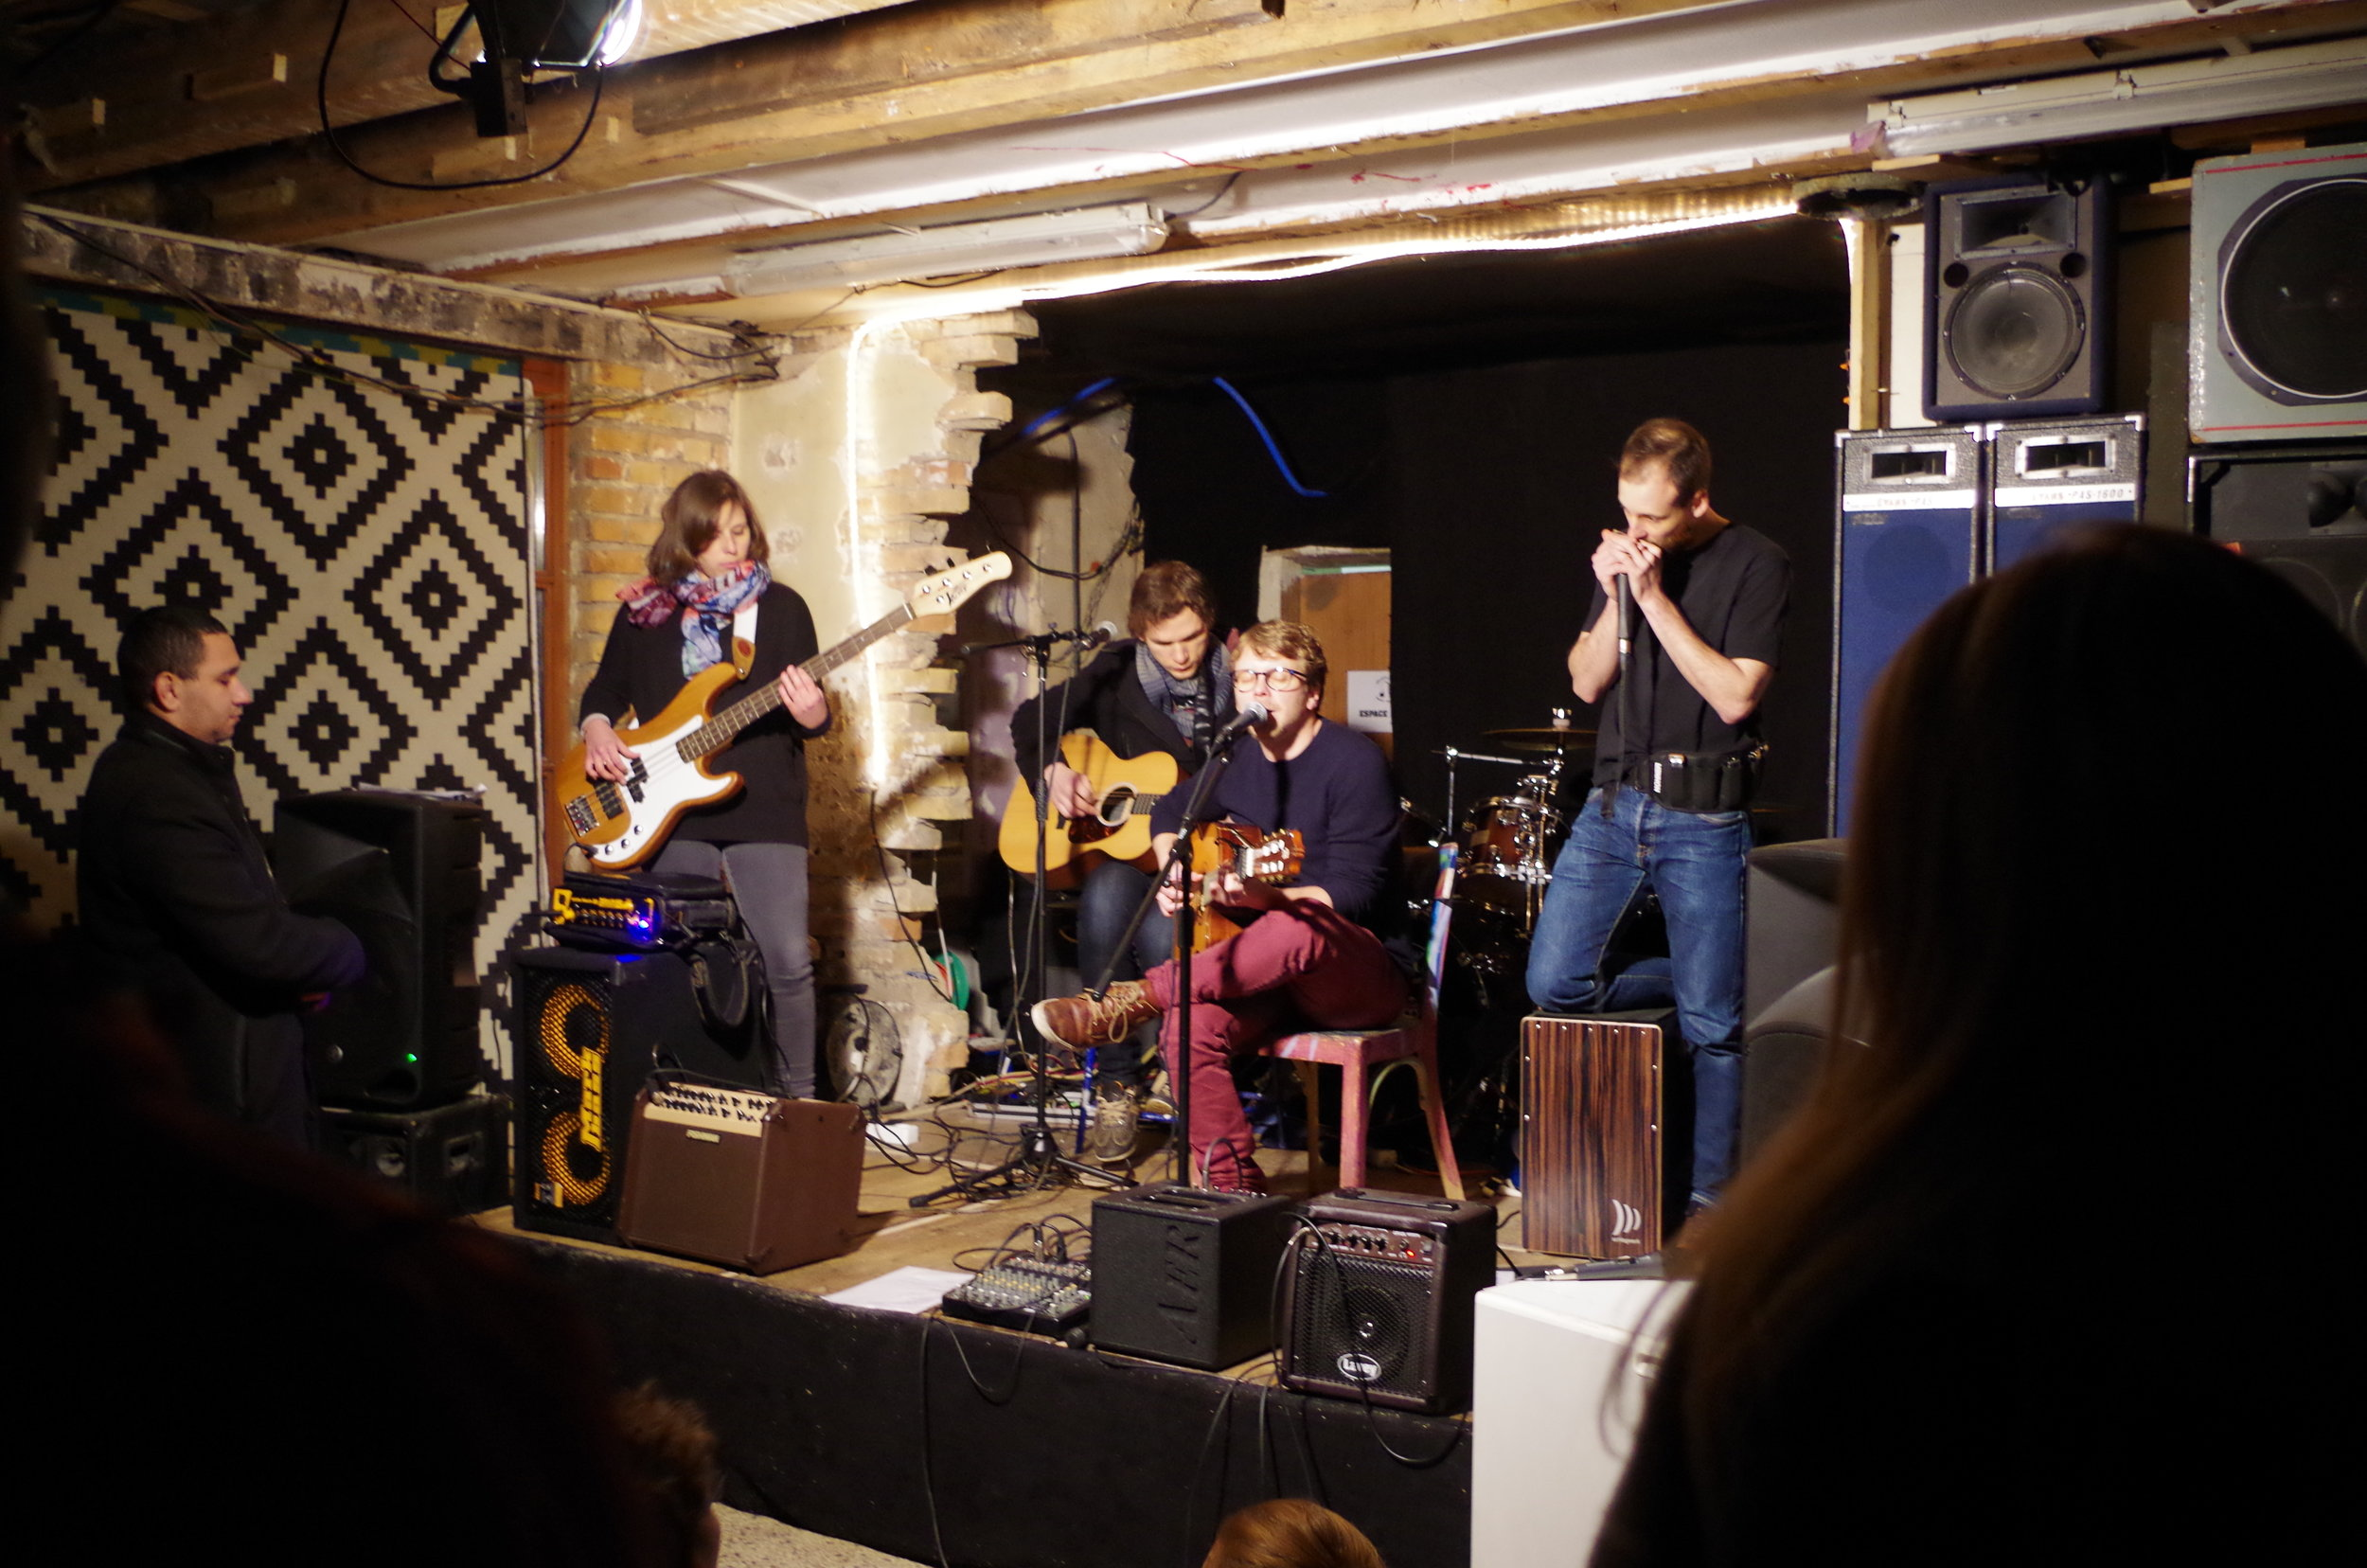 Le groupe Folk Avenue en ouverture de la soirée-concert du 19 janvier 2018 inaugure la scène.